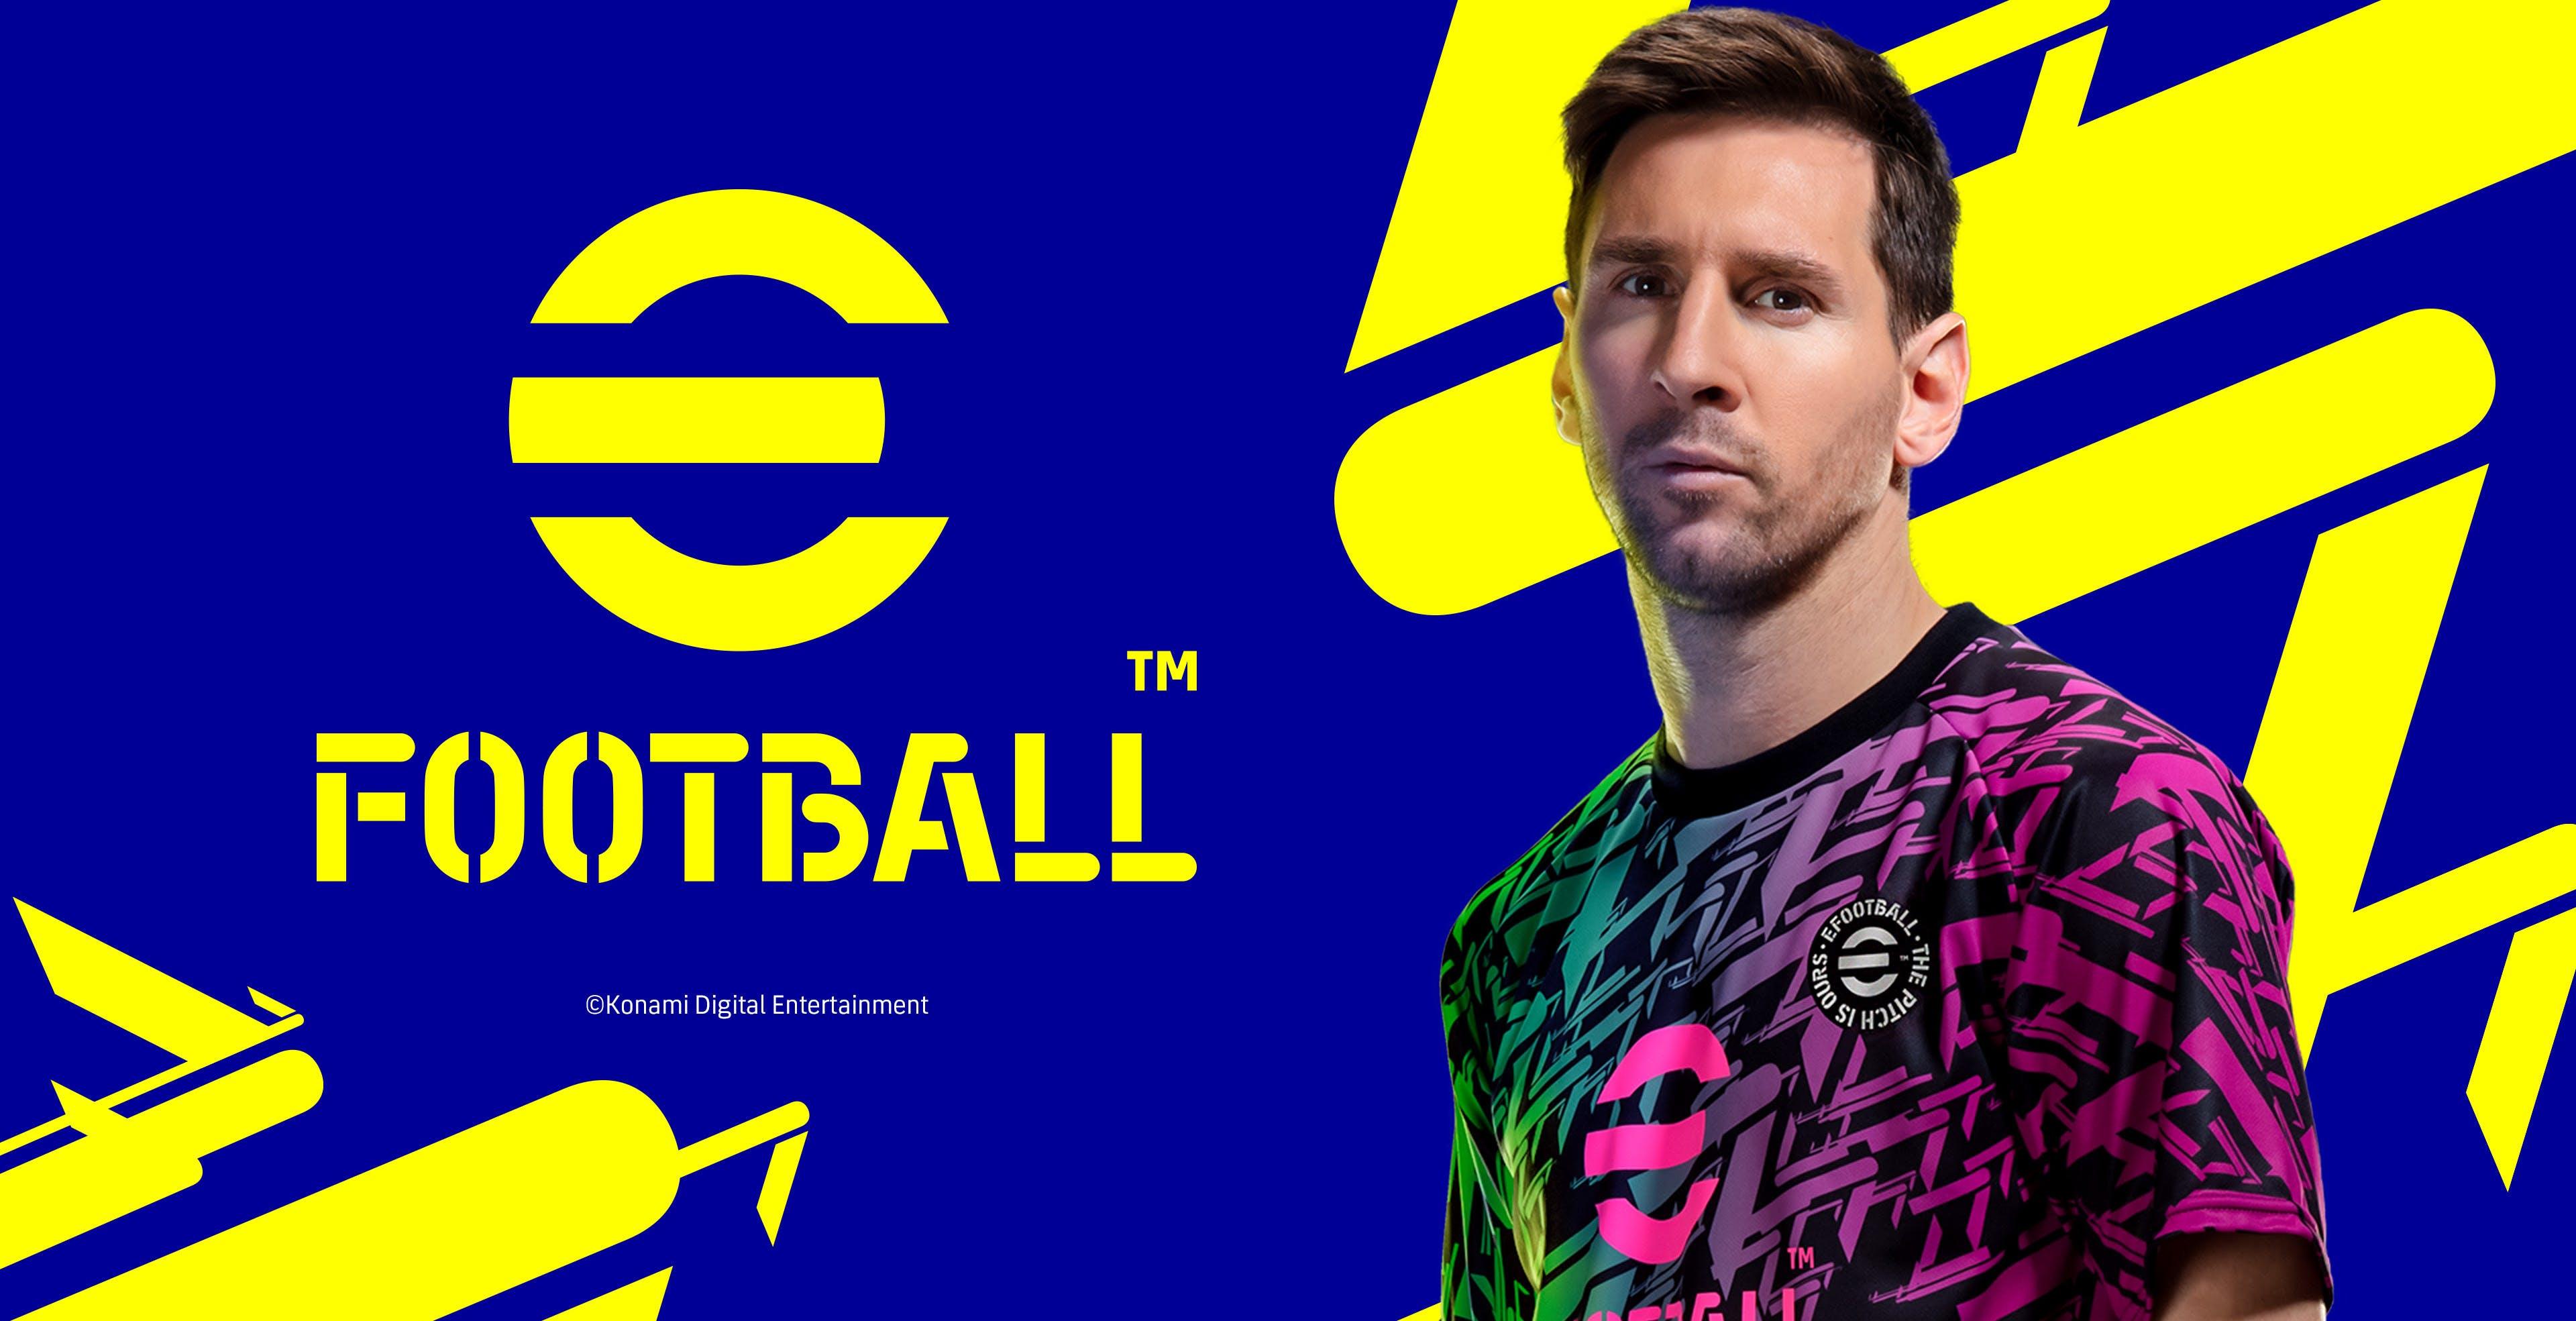 Rivoluzione PES: si chiamerà eFootball e sarà gratuito. Tutto ciò che sappiamo